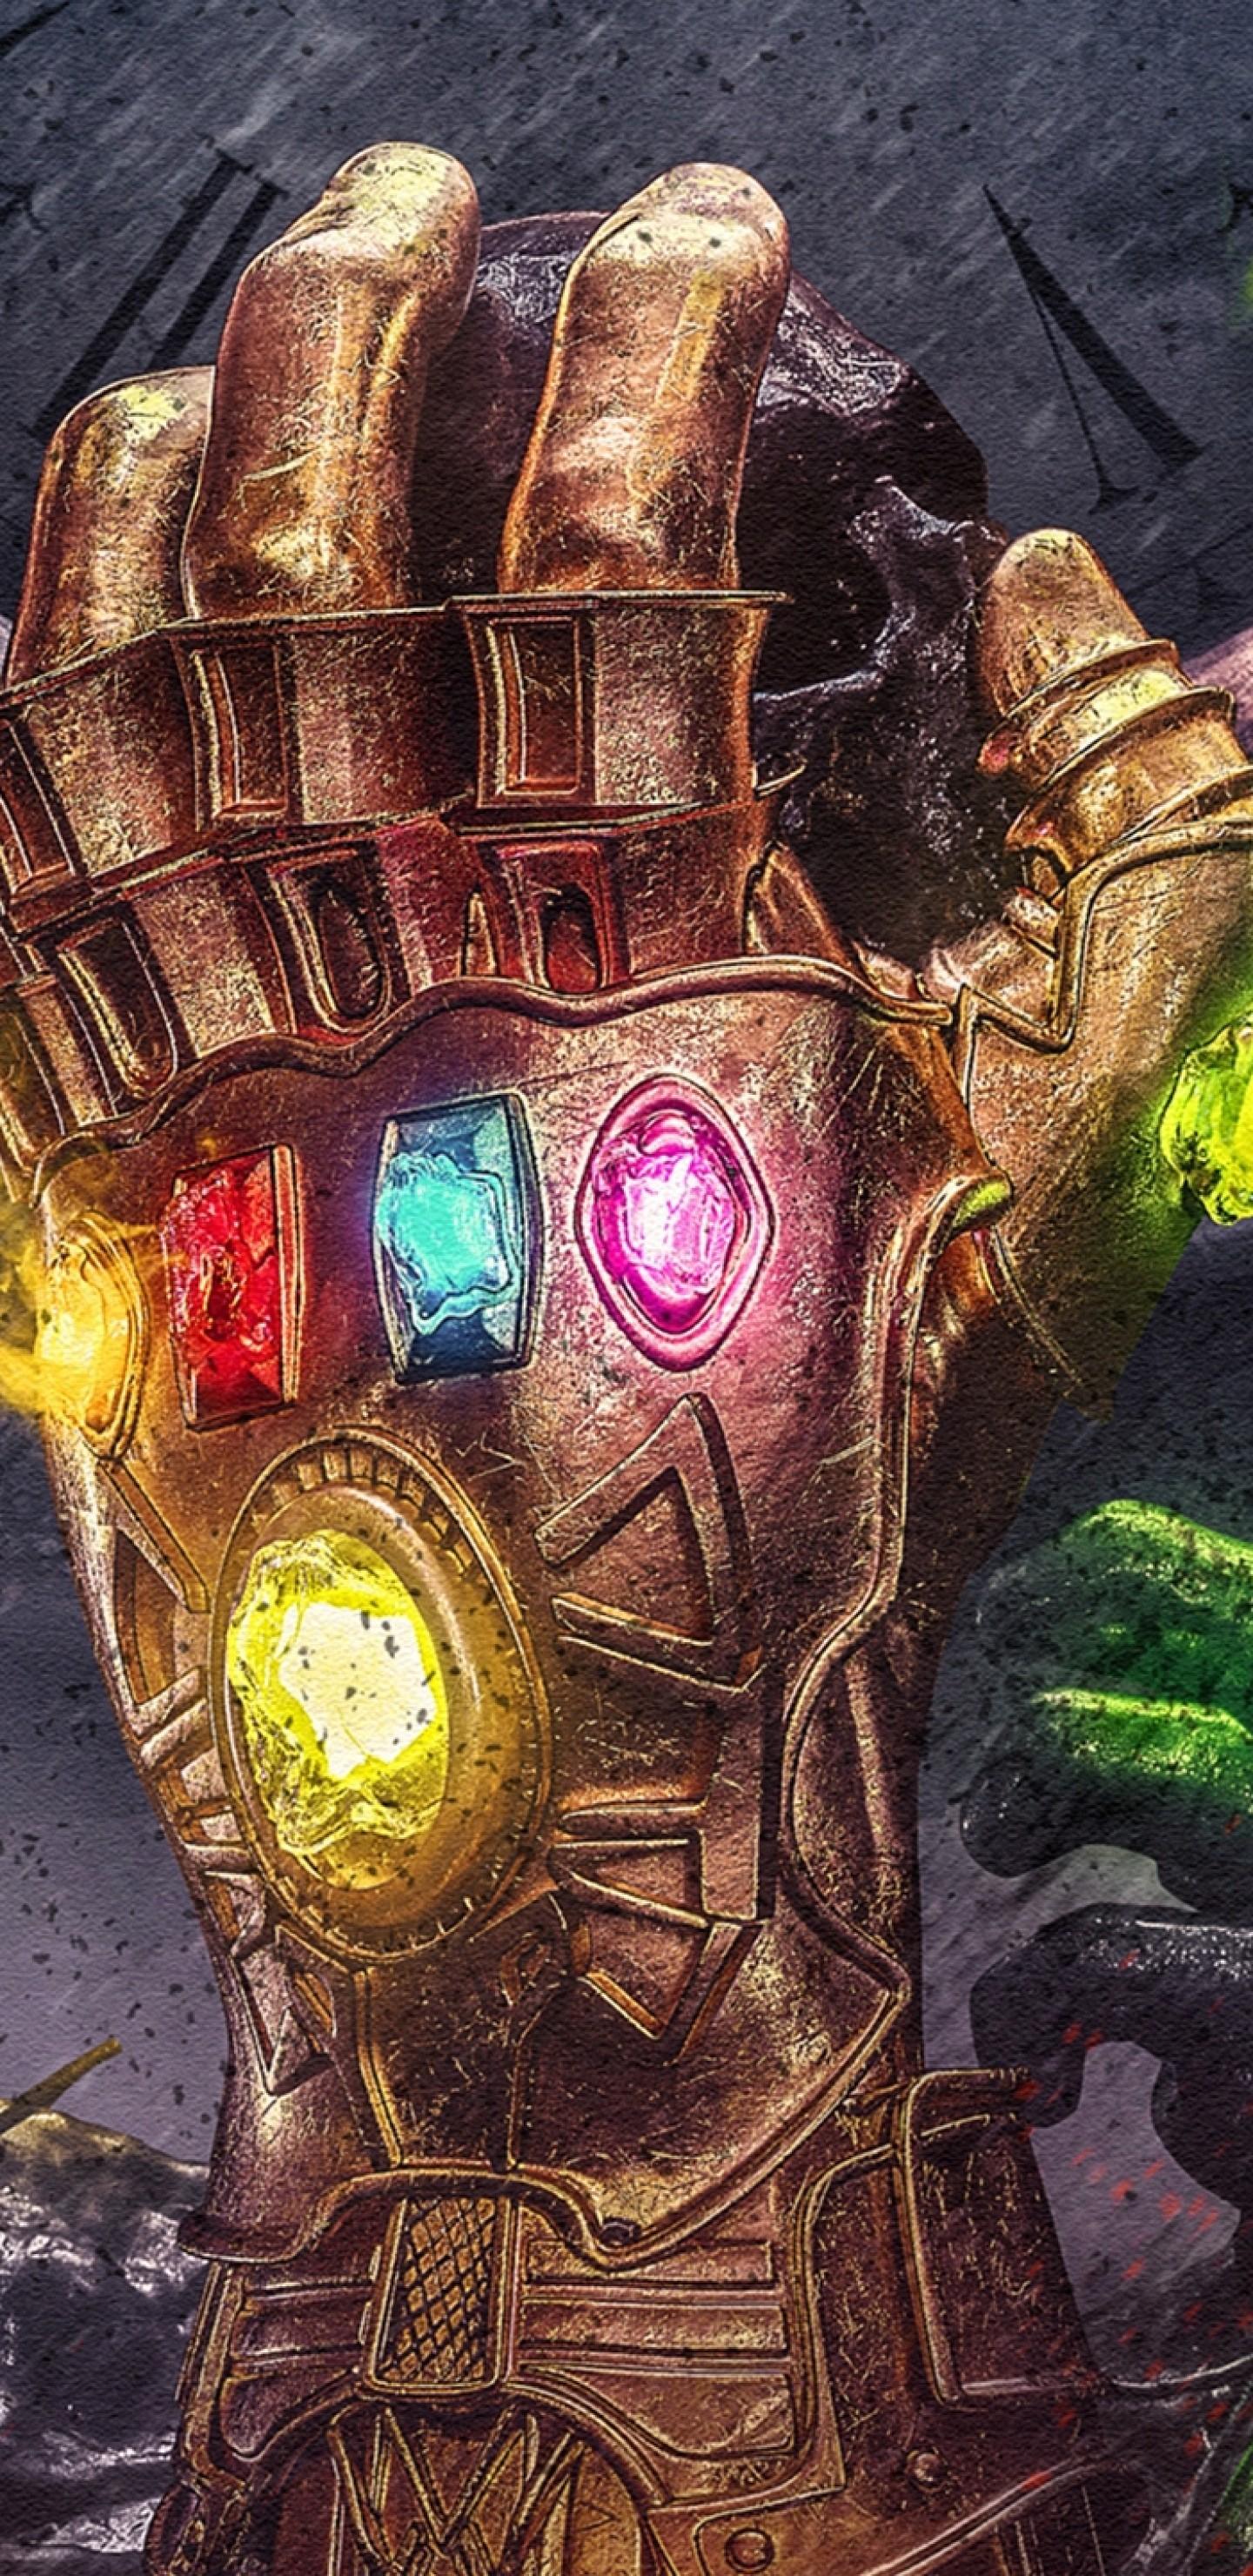 Iron Man Gauntlet Wallpapers - Wallpaper Cave